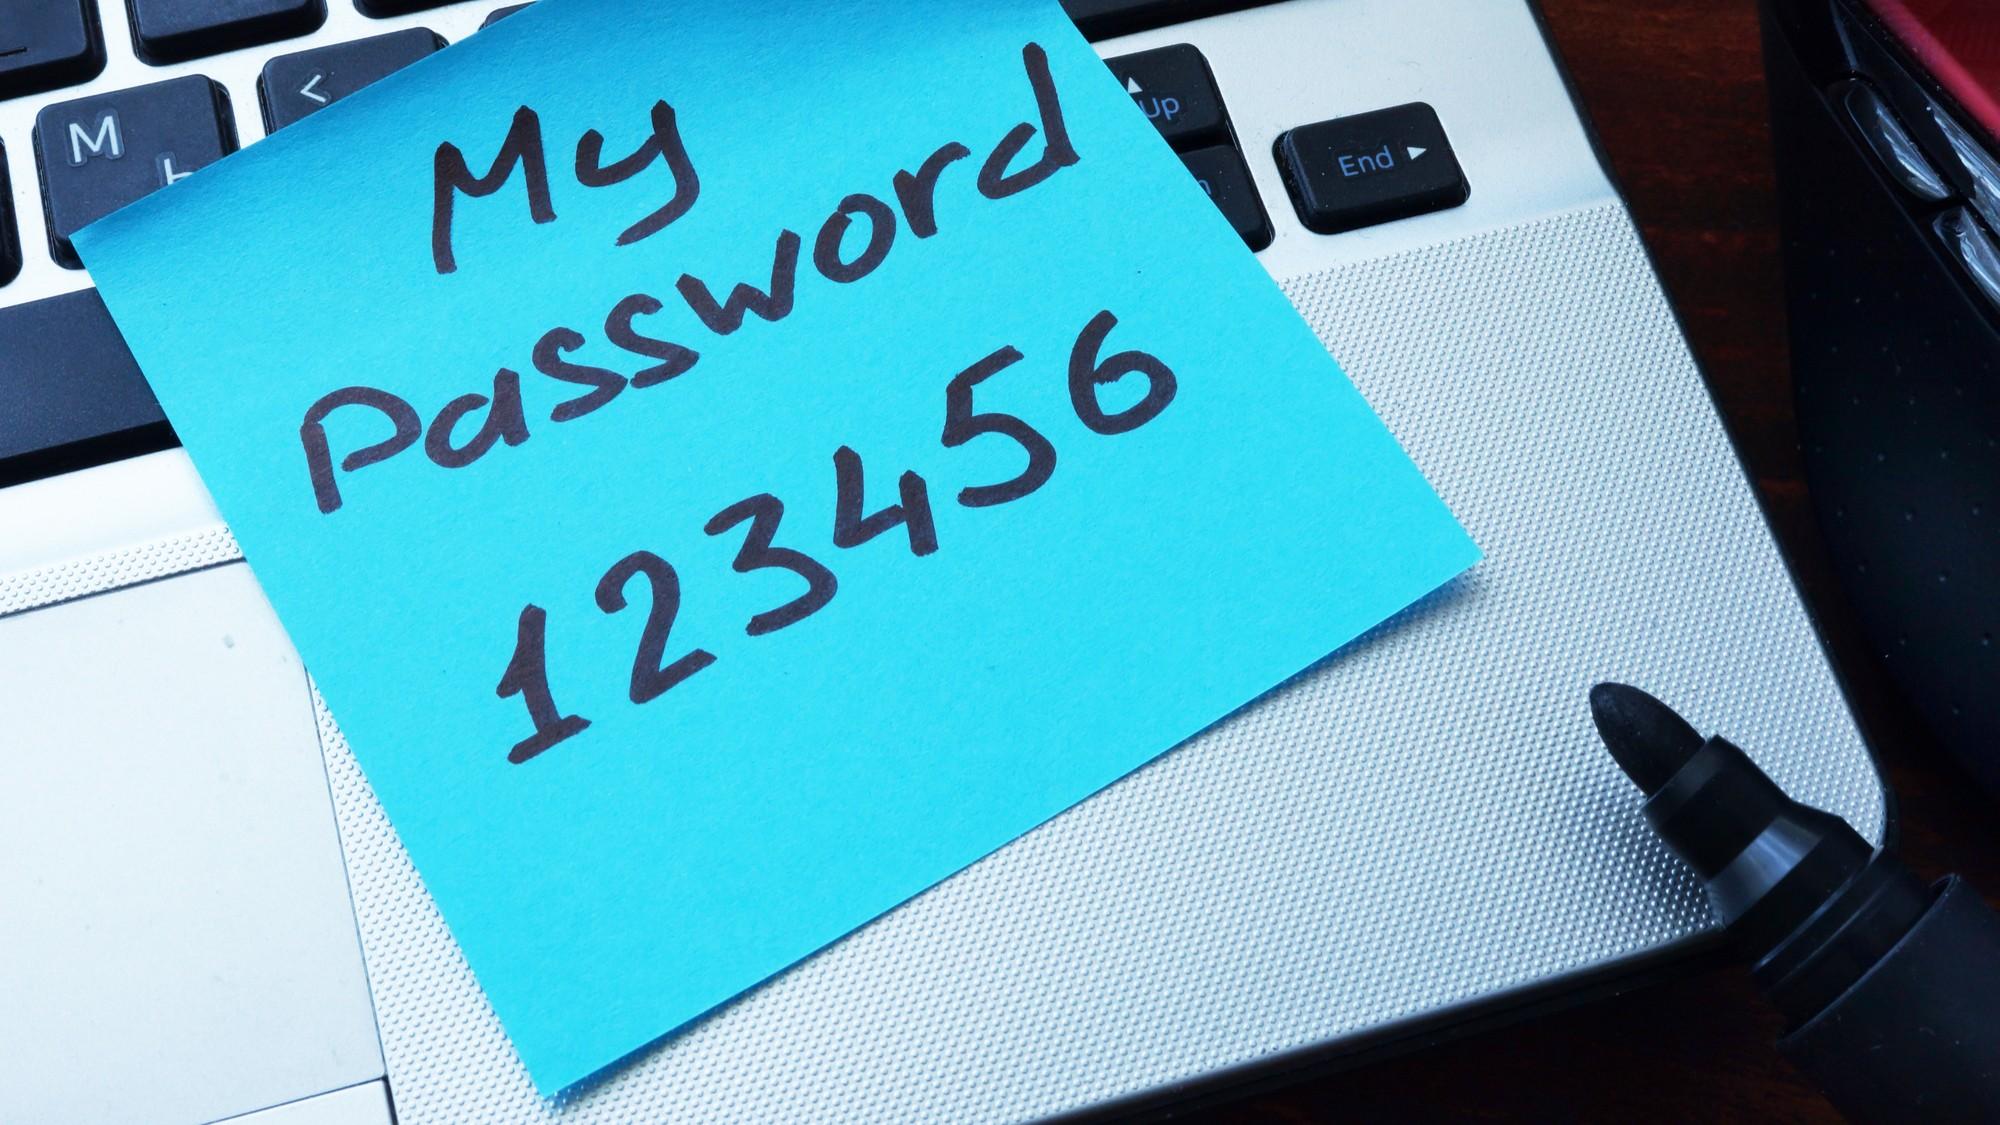 Британские исследователи представили список самых часто взламываемых паролей